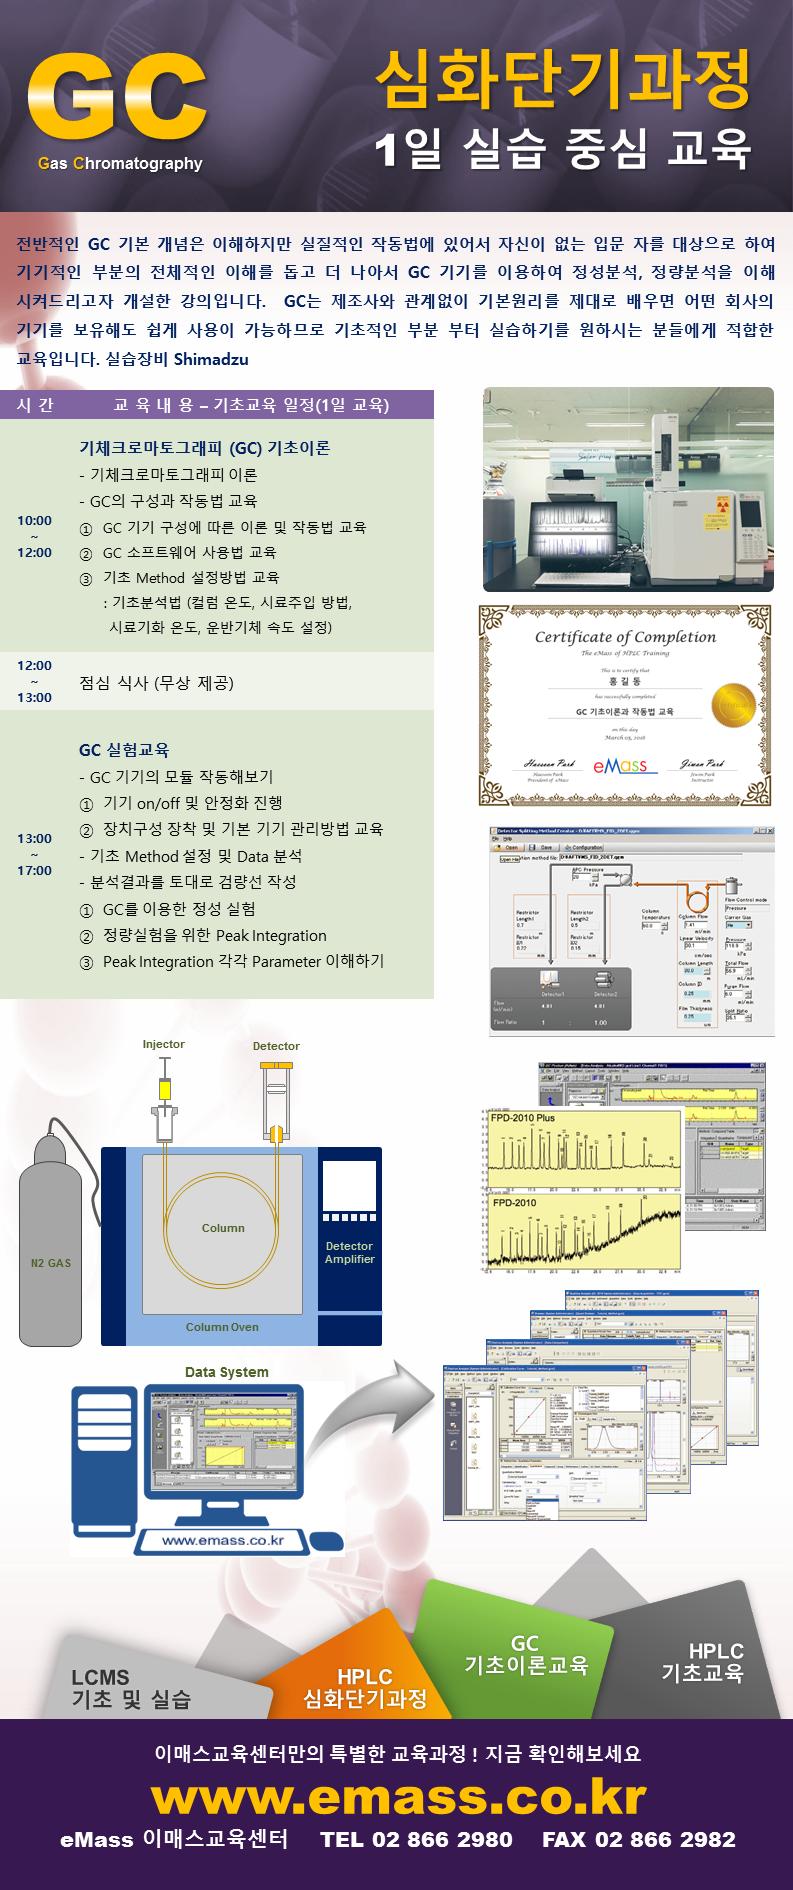 GC 교육_수정_LKJ.png